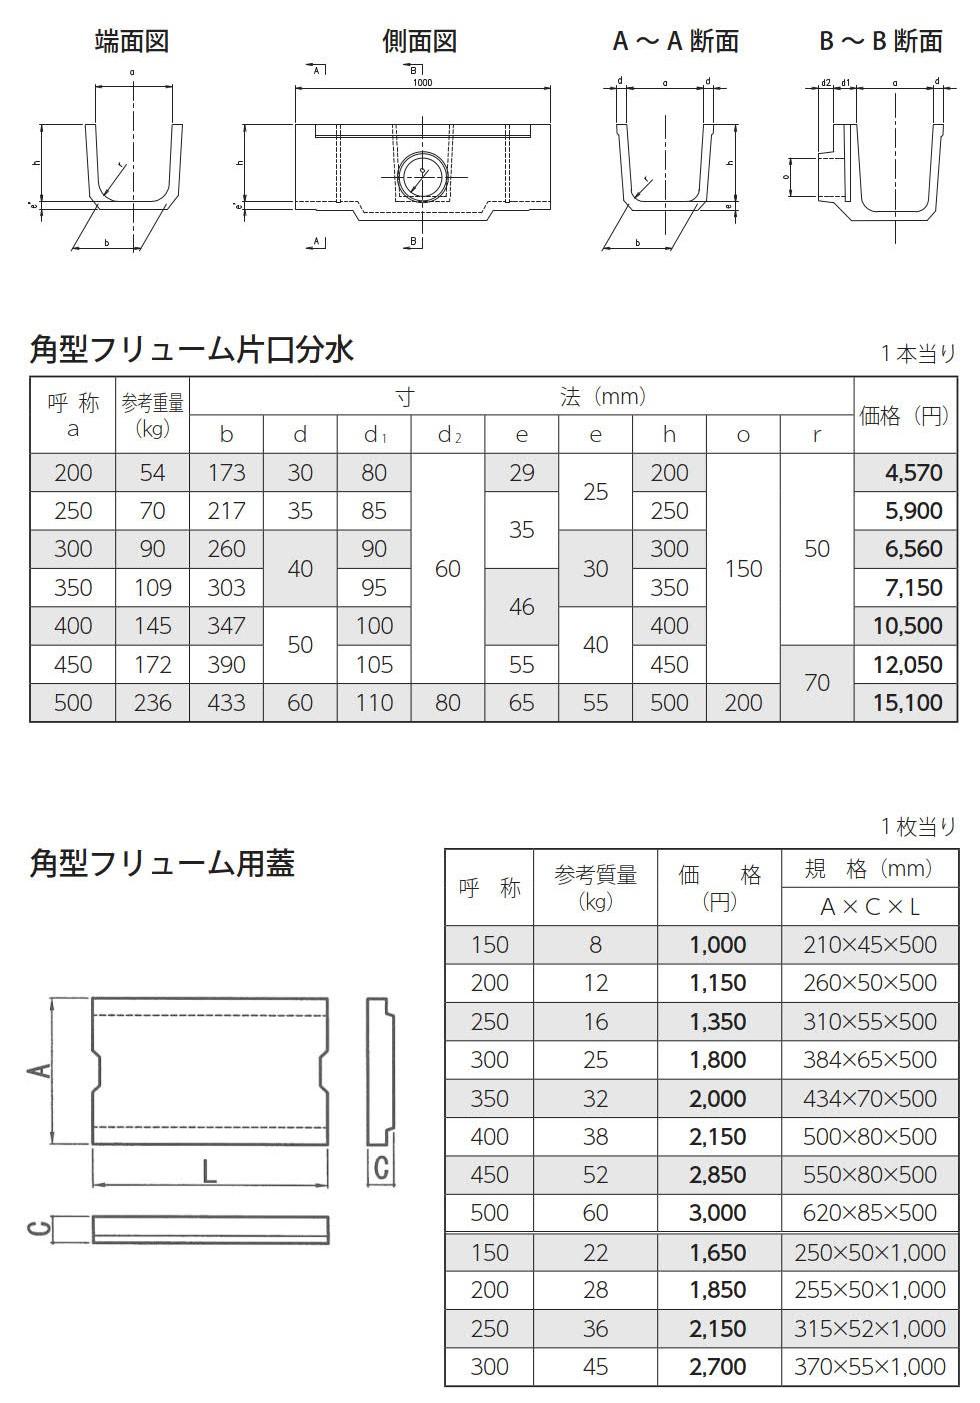 図面 - 水路用製品・フリューム製品 角フリューム